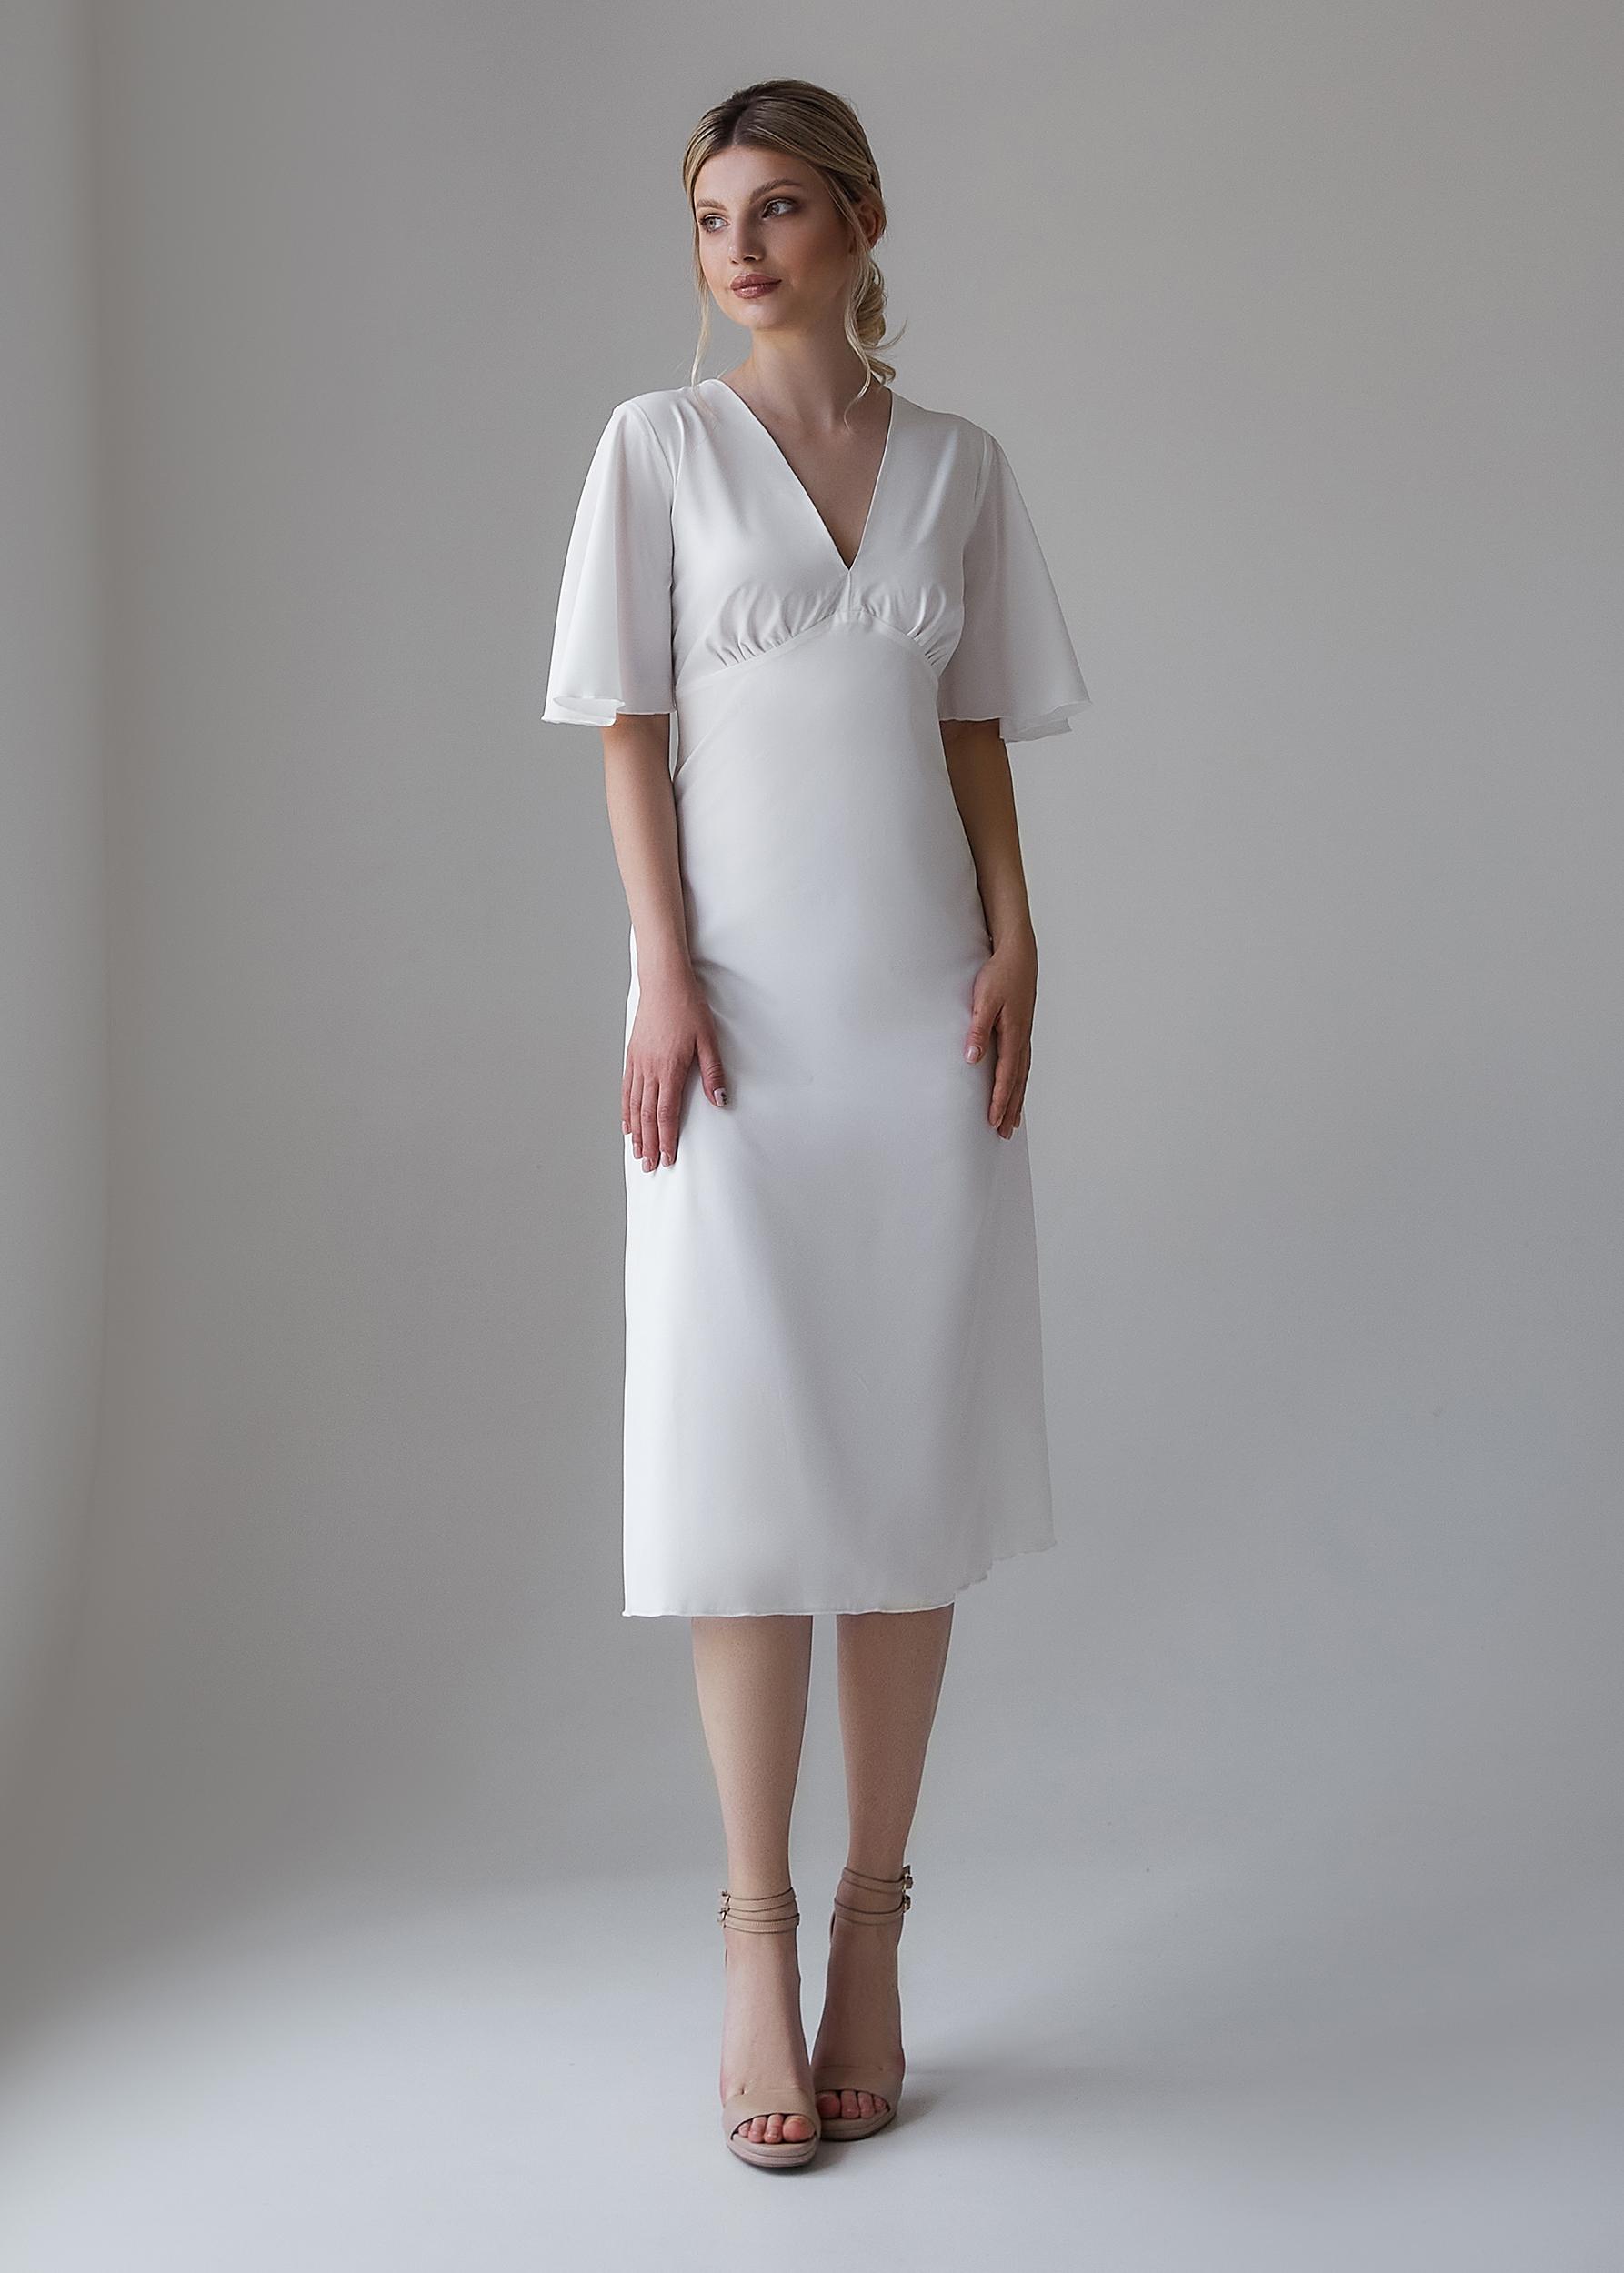 белое платье для росписи | Vero